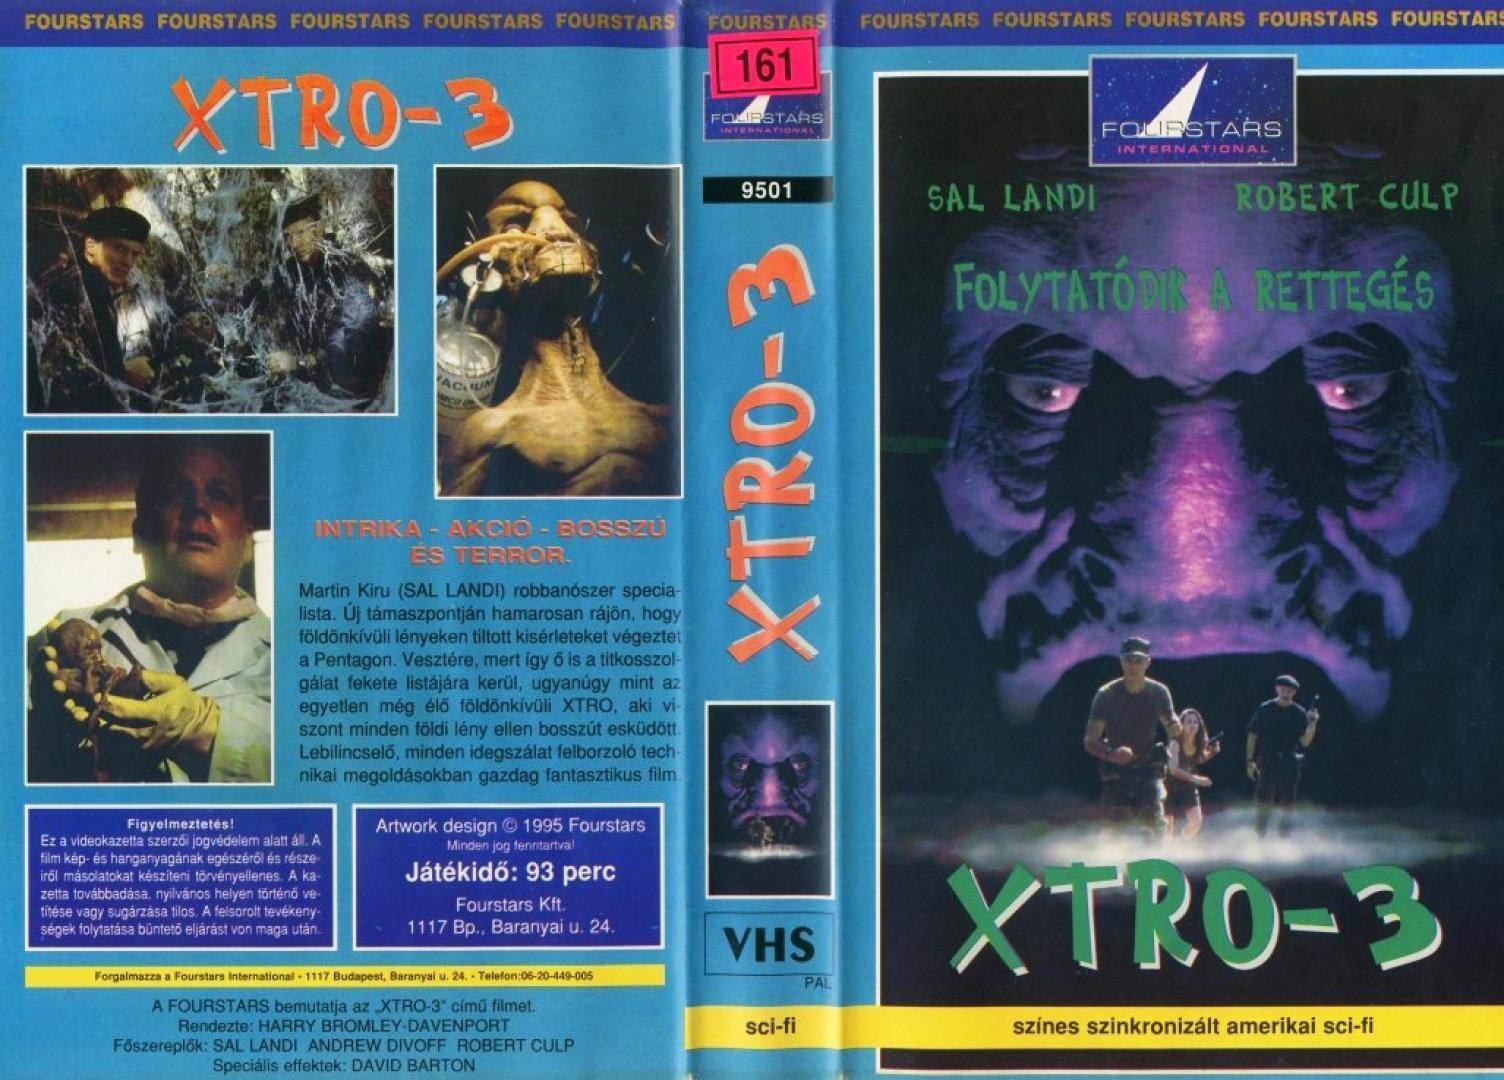 xtro3_4_kep